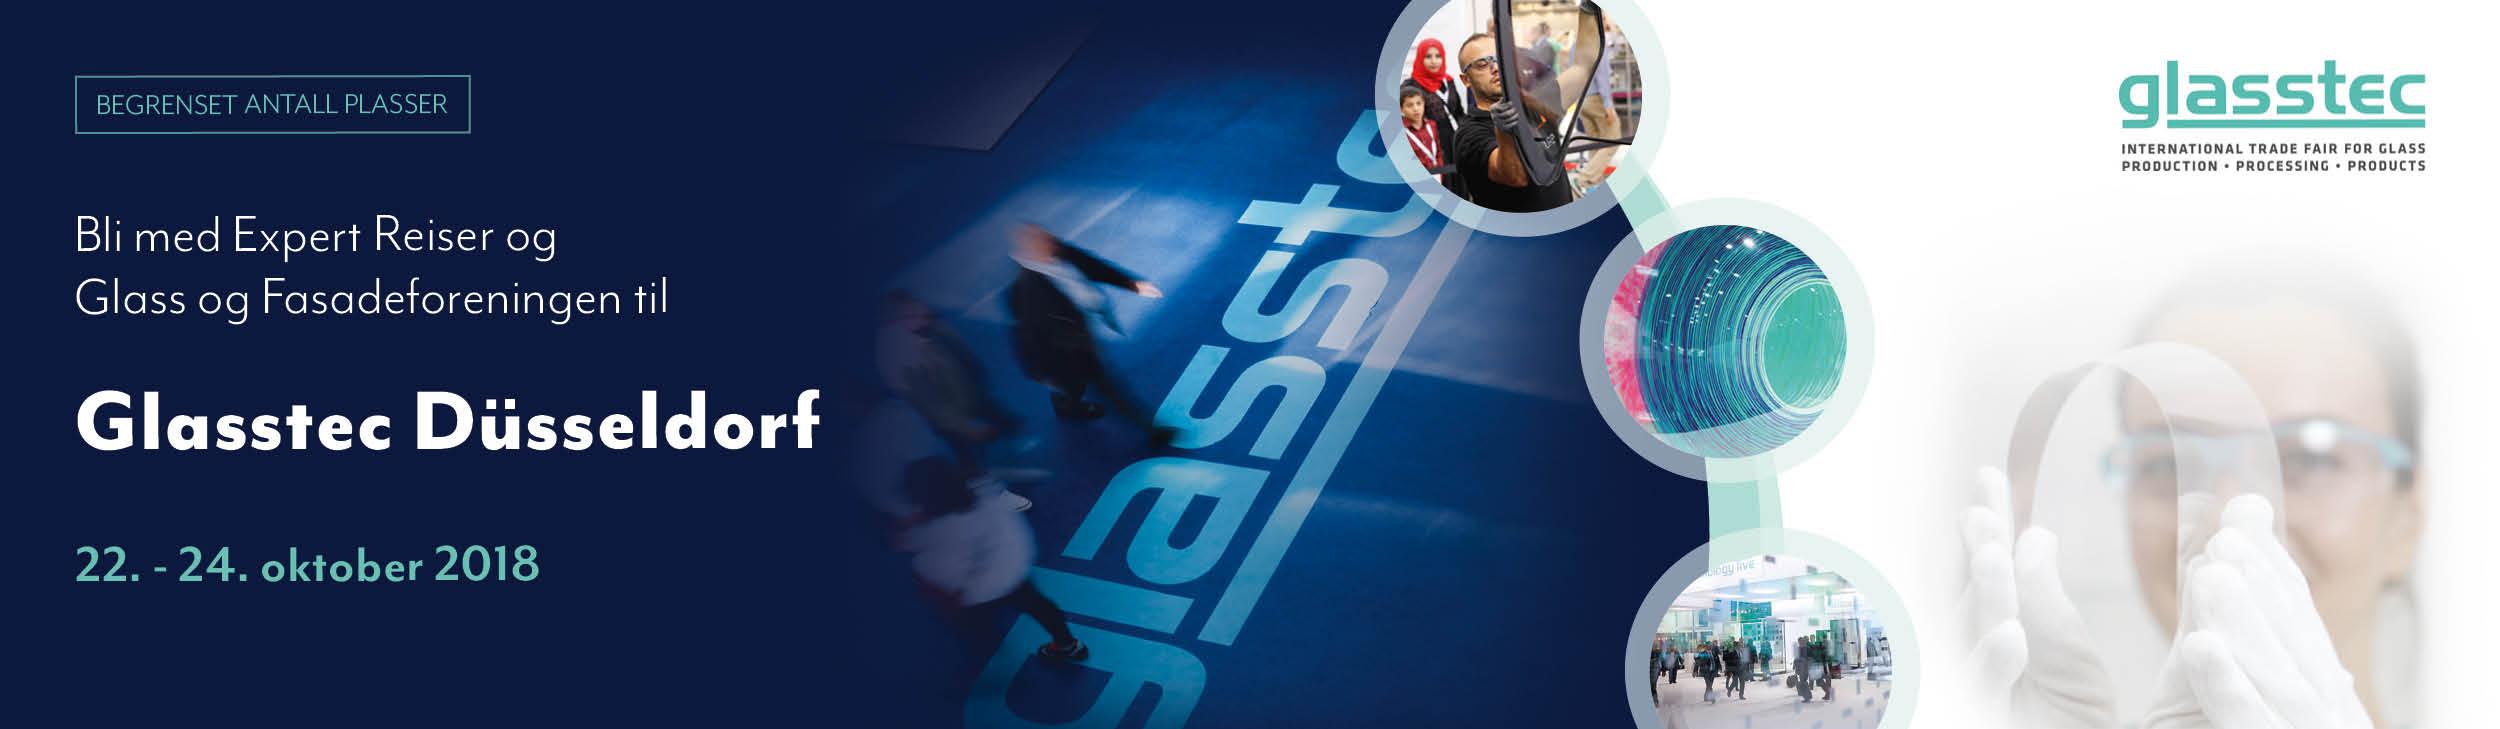 Annonse for Glasstec